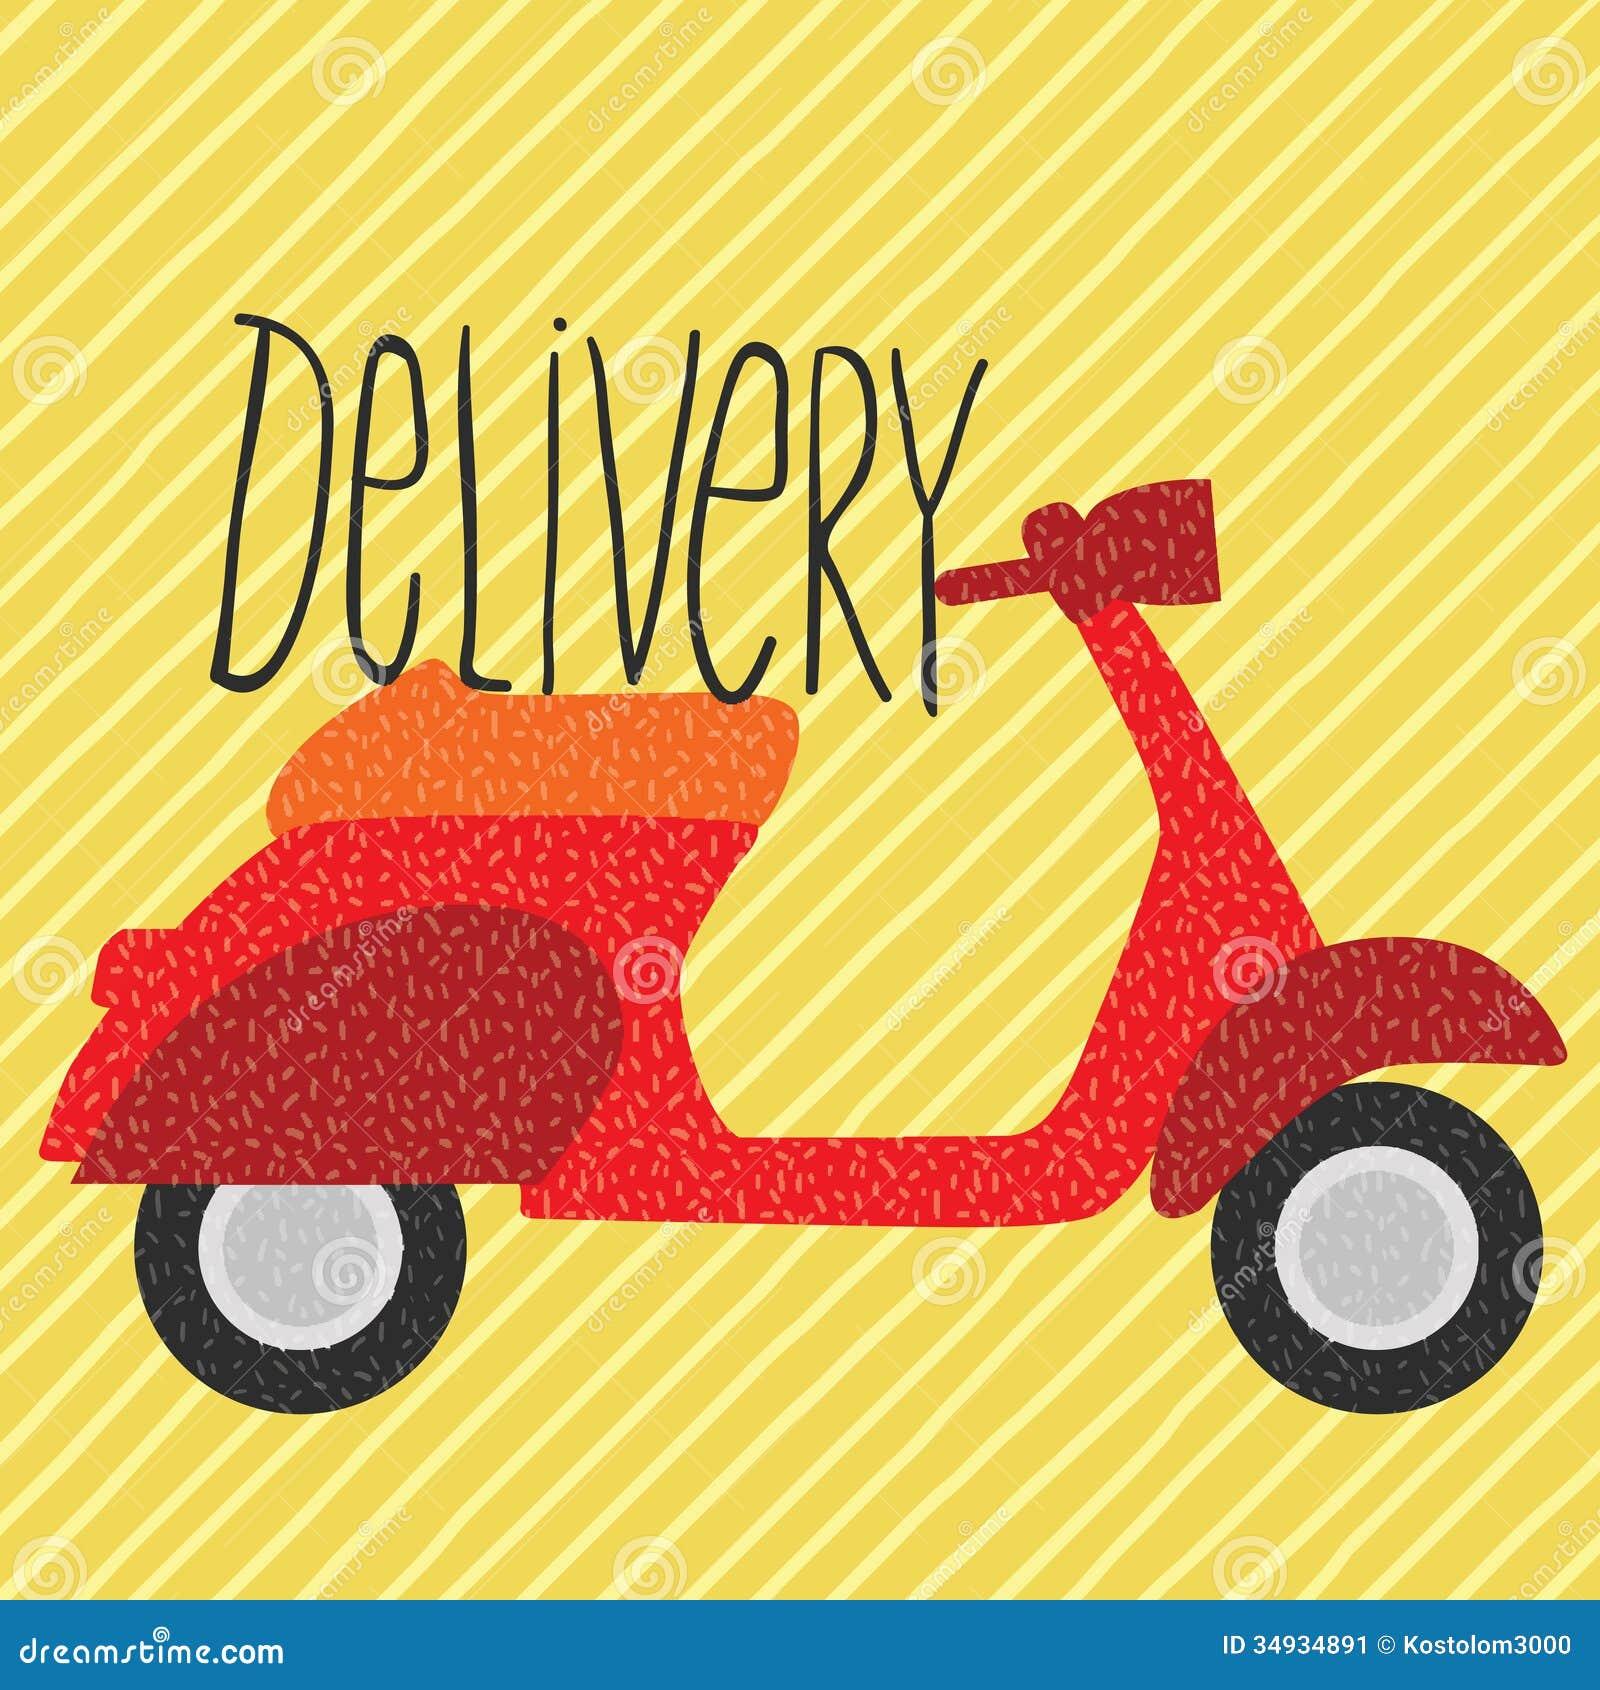 Red Vintage Scooter Delivery Illustration Illustration 34934891 Megapixl